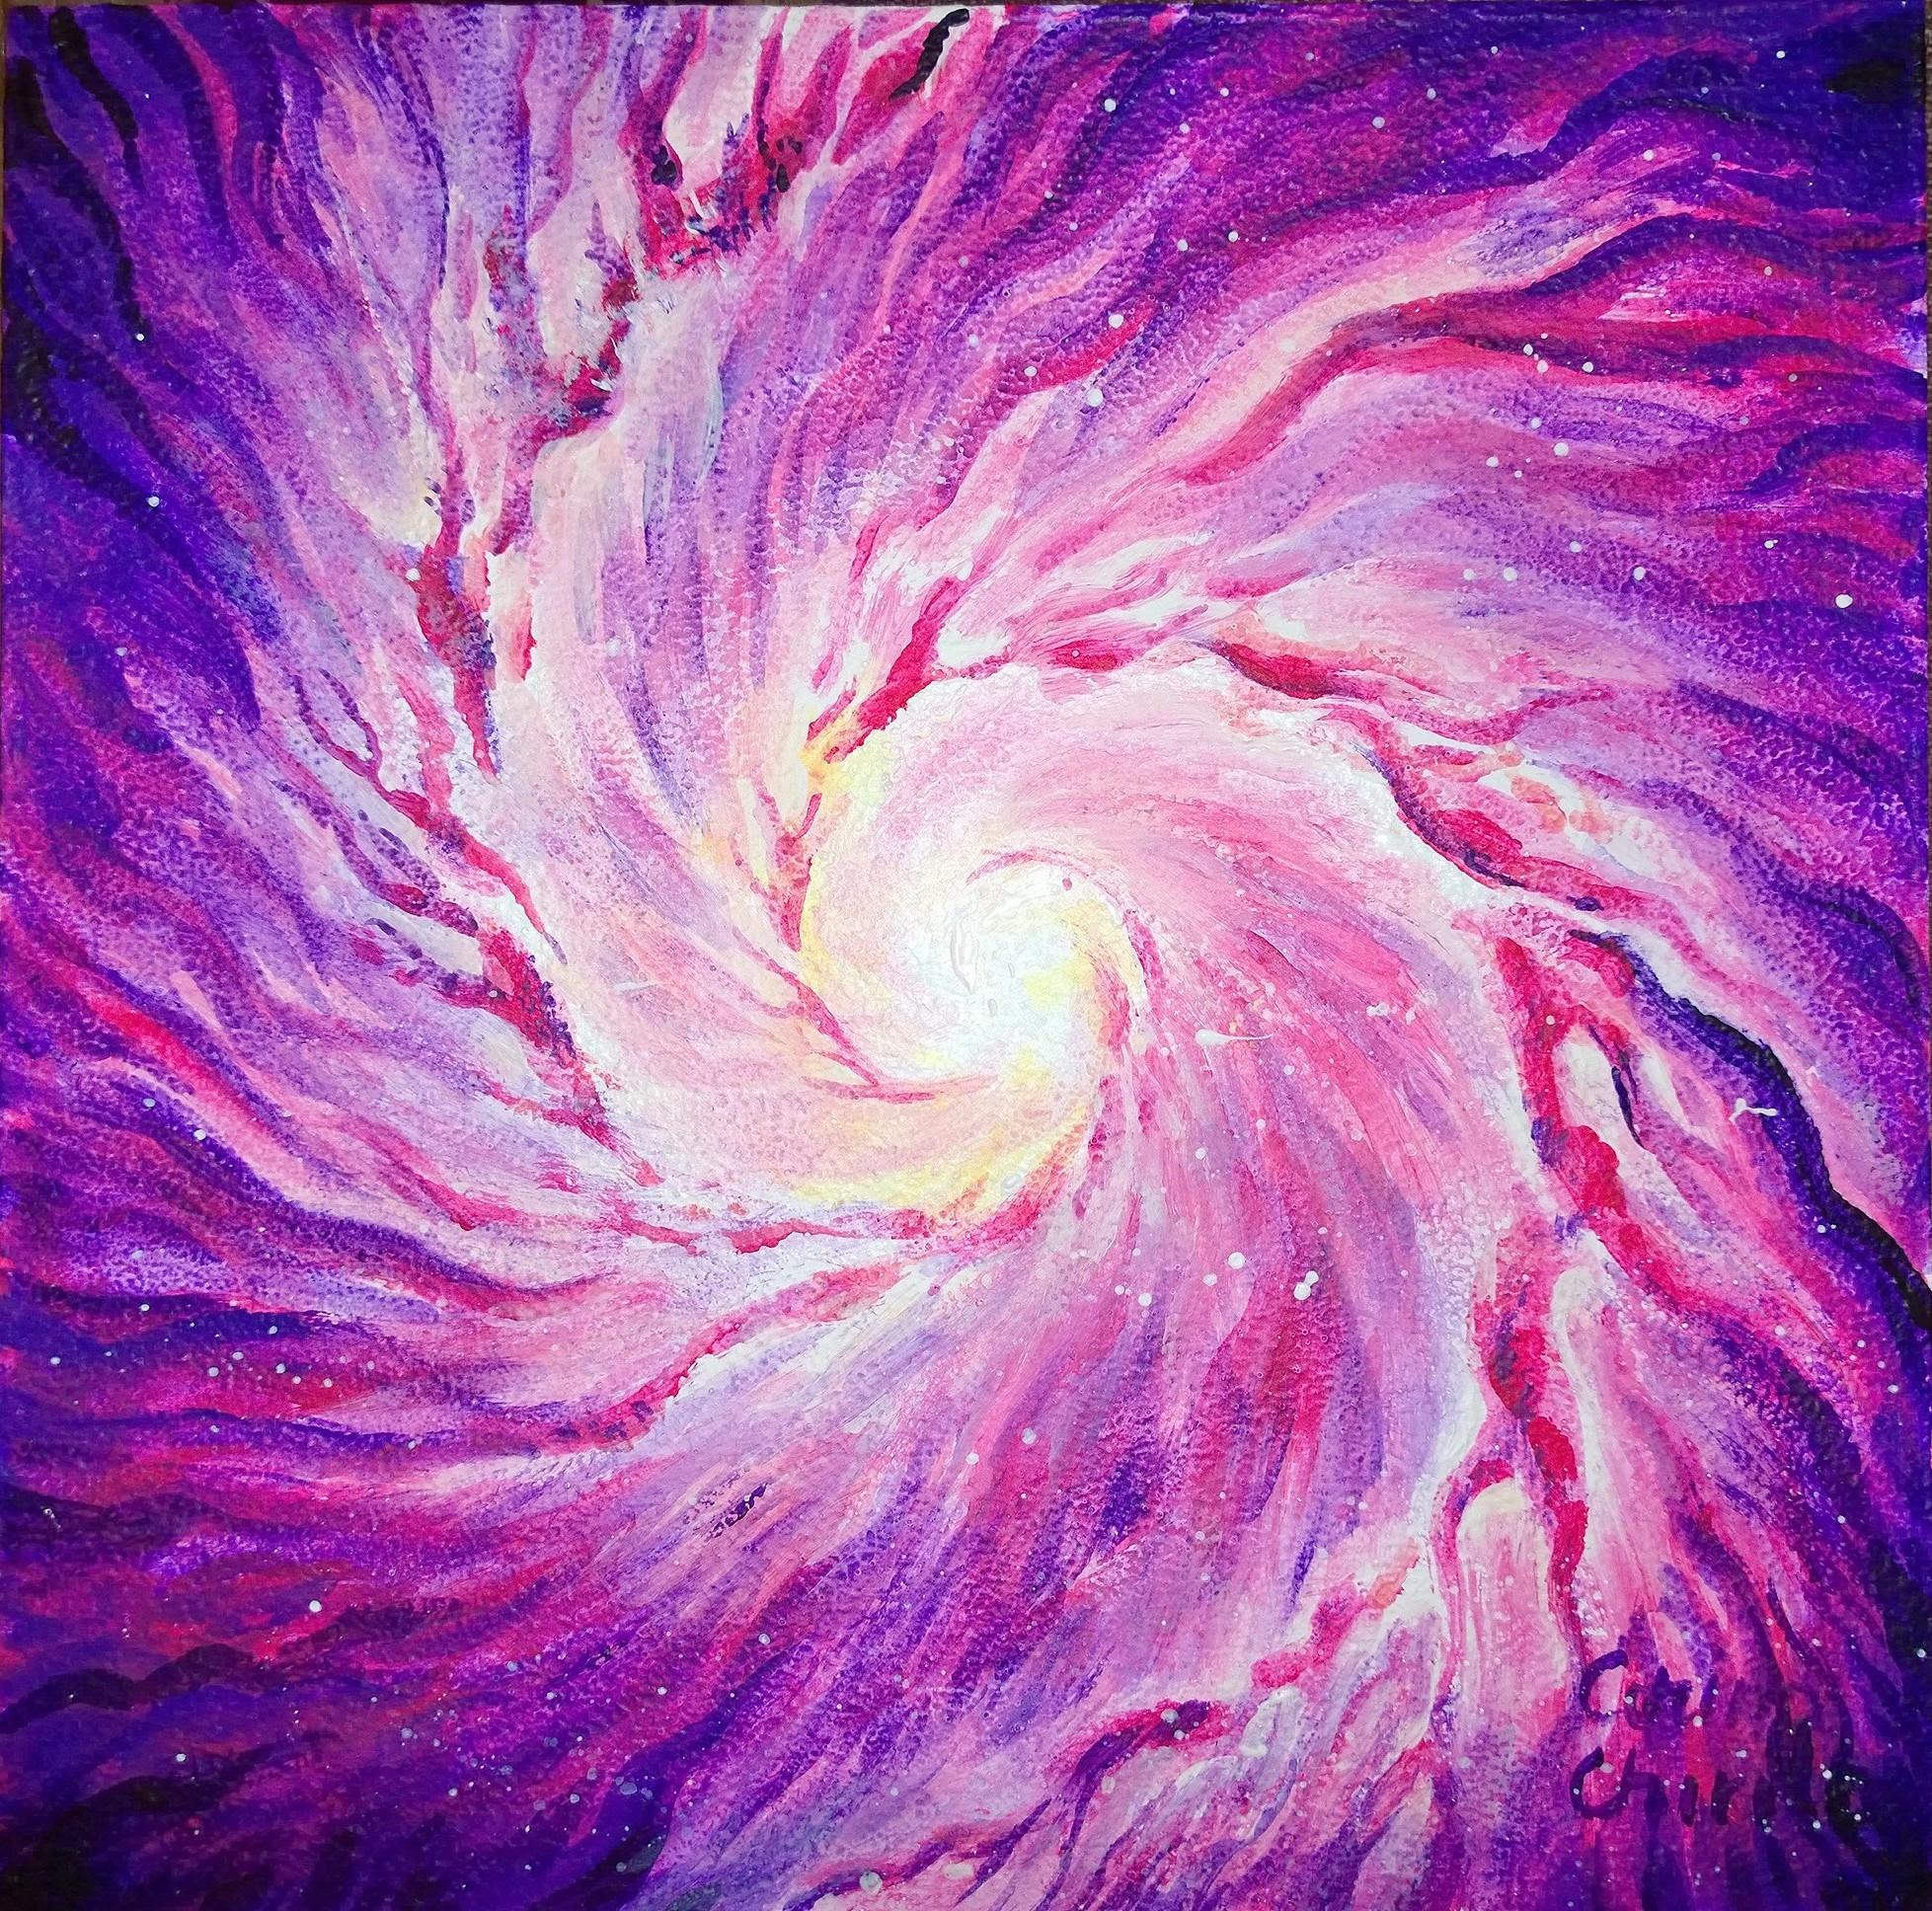 4.Galaxie